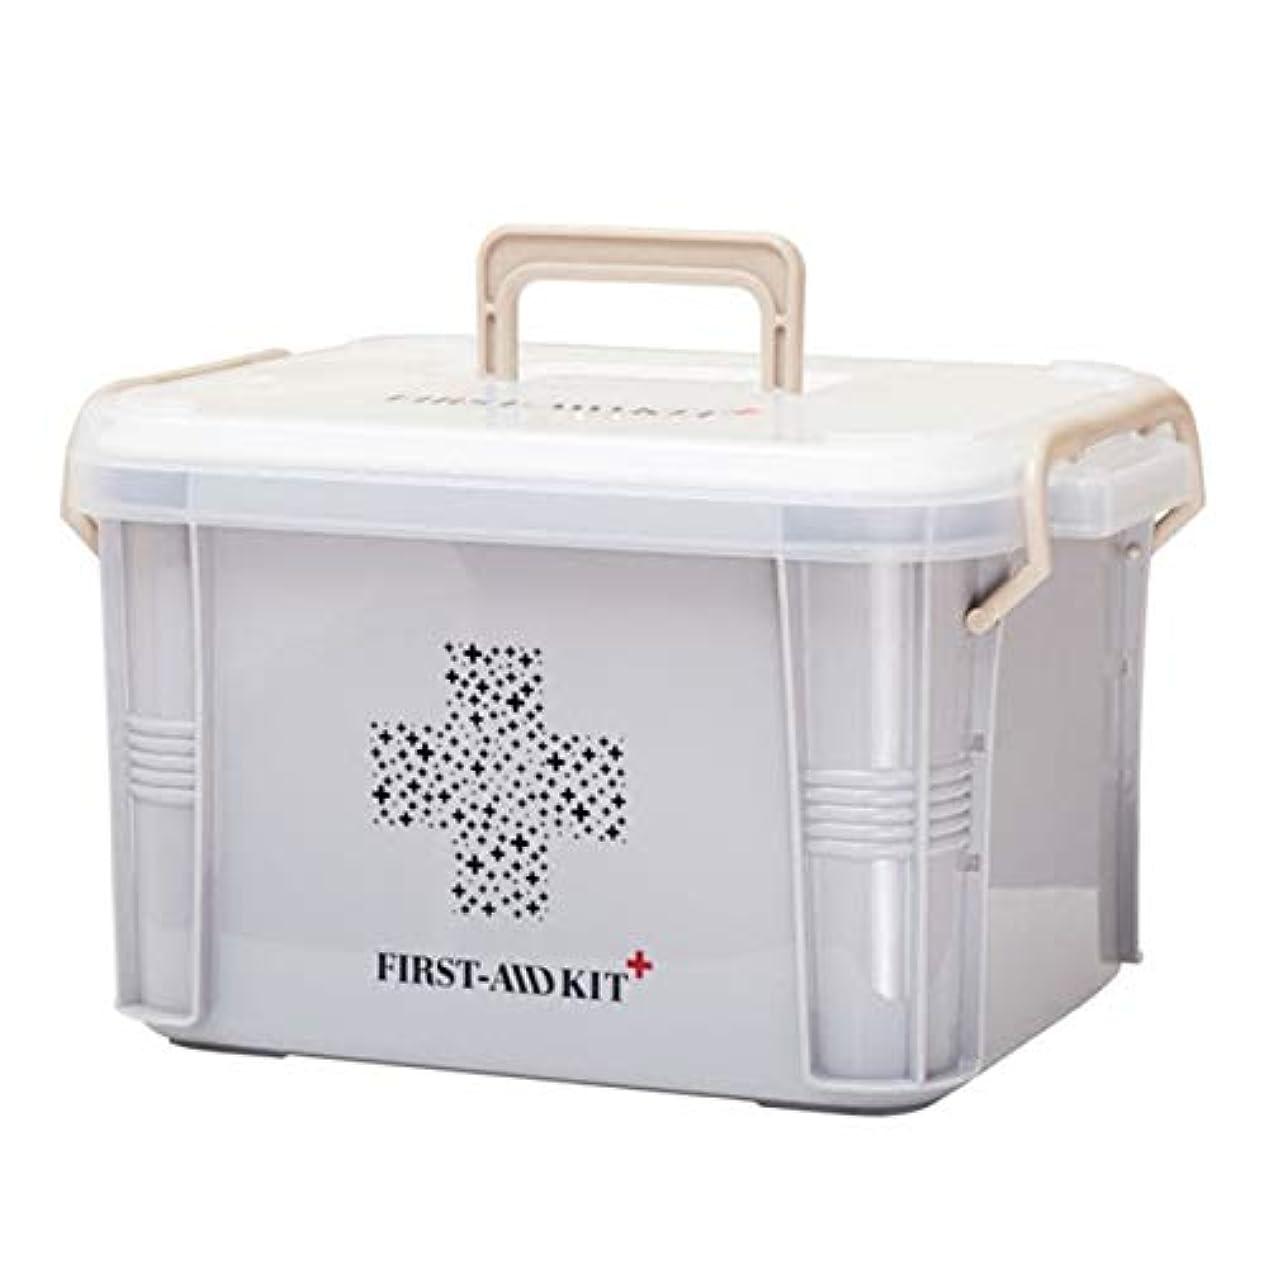 政治的勢いジョブSaikogoods 実用的なデザインホーム用薬箱ファーストエイドキットボックスプラスチック容器の救急キットポータブルストレージオーガナイザー グレー S